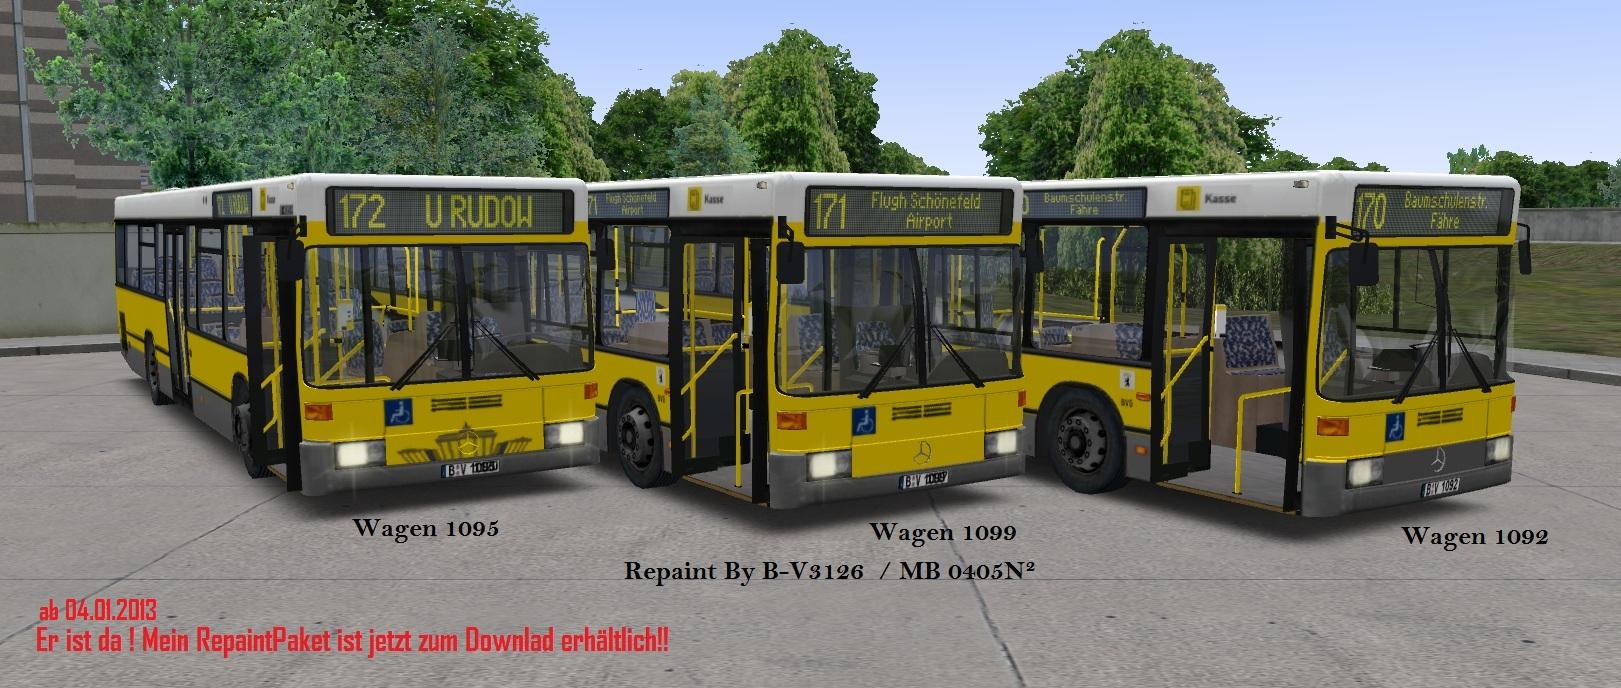 MB 0405N² BVG-Repaint - OMSI – The Bus Simulator - AEROSOFT